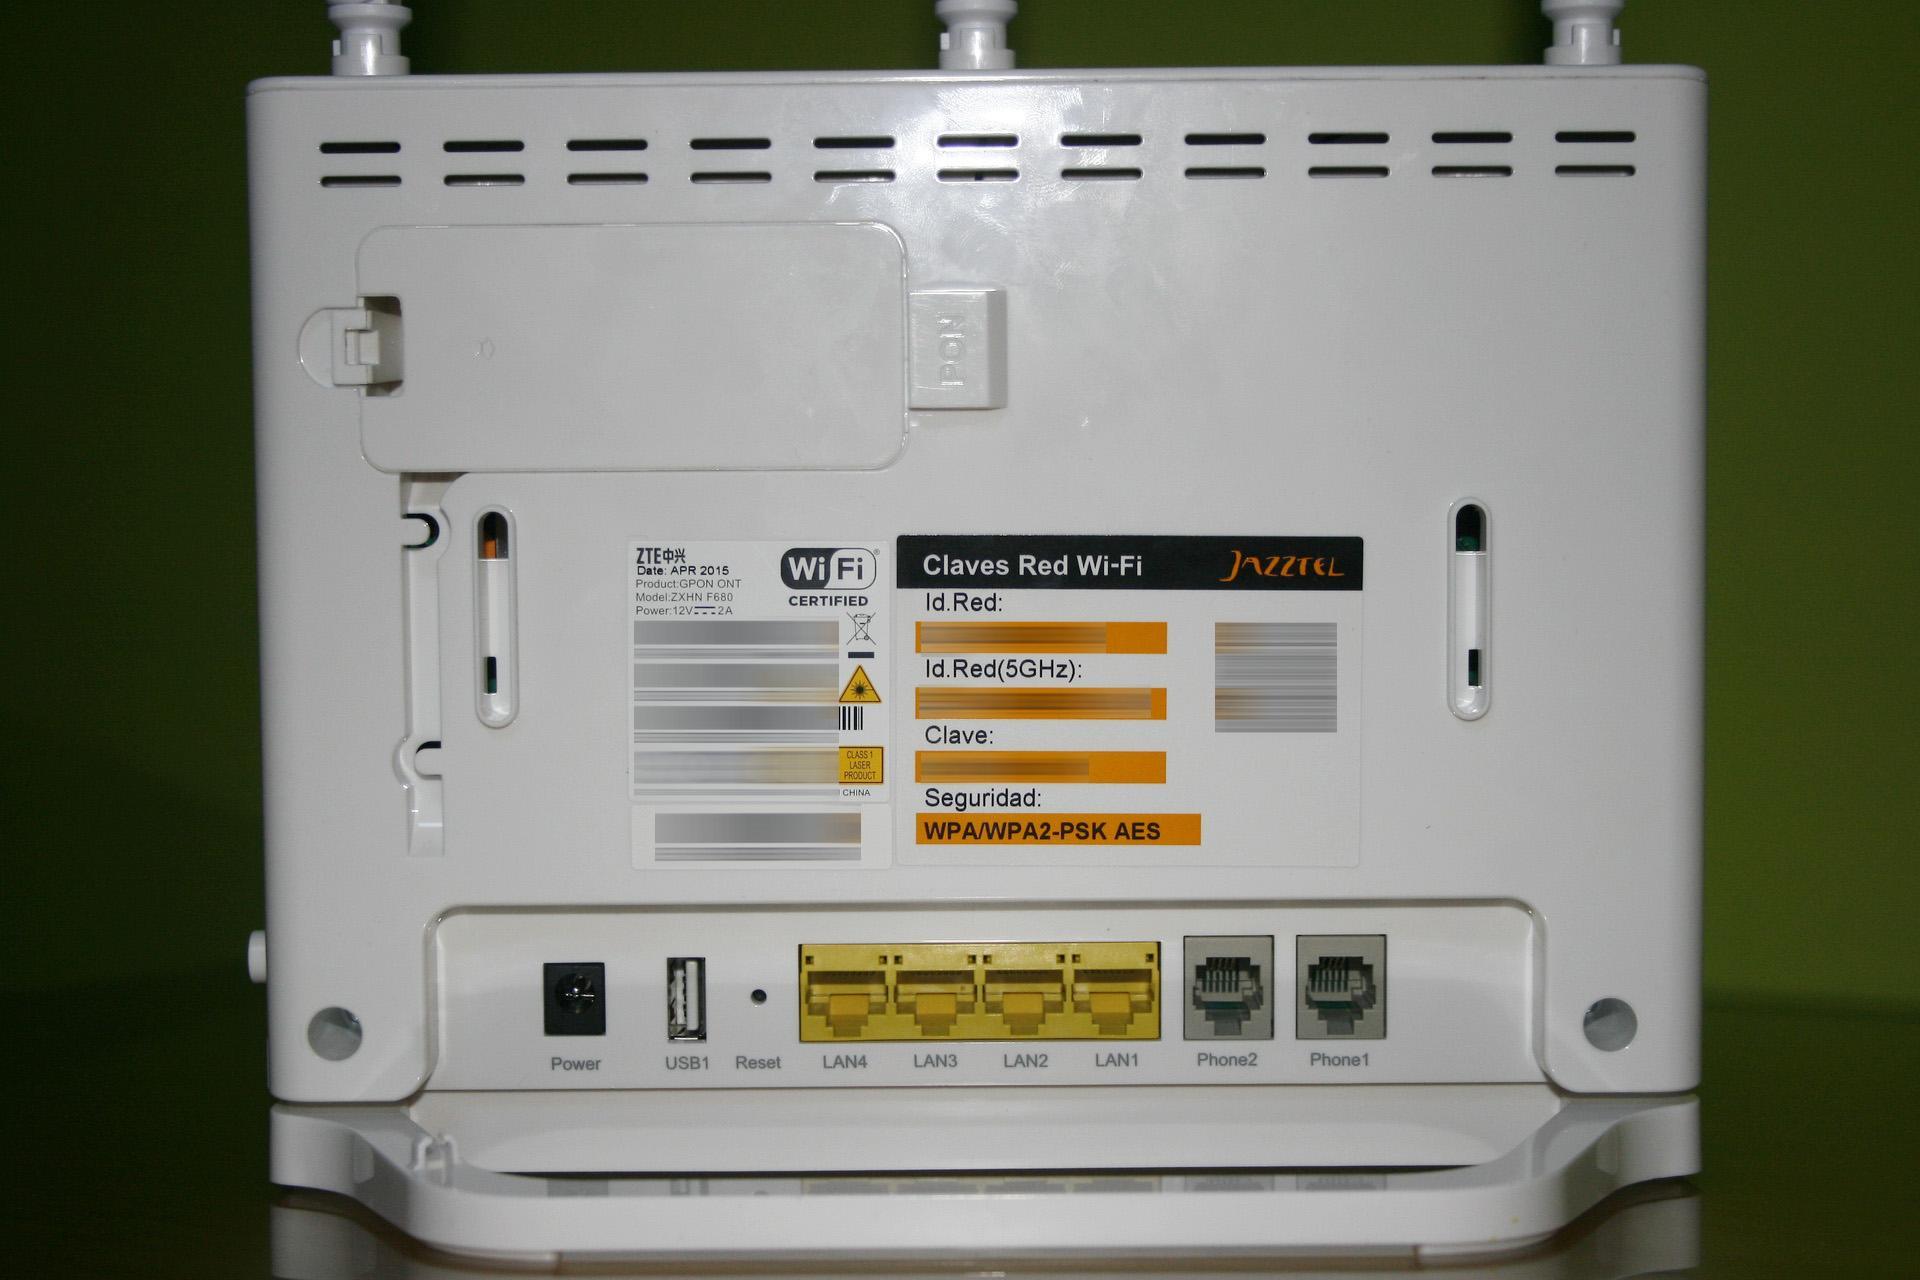 como actualizar el firmware de mi router zte jazztel